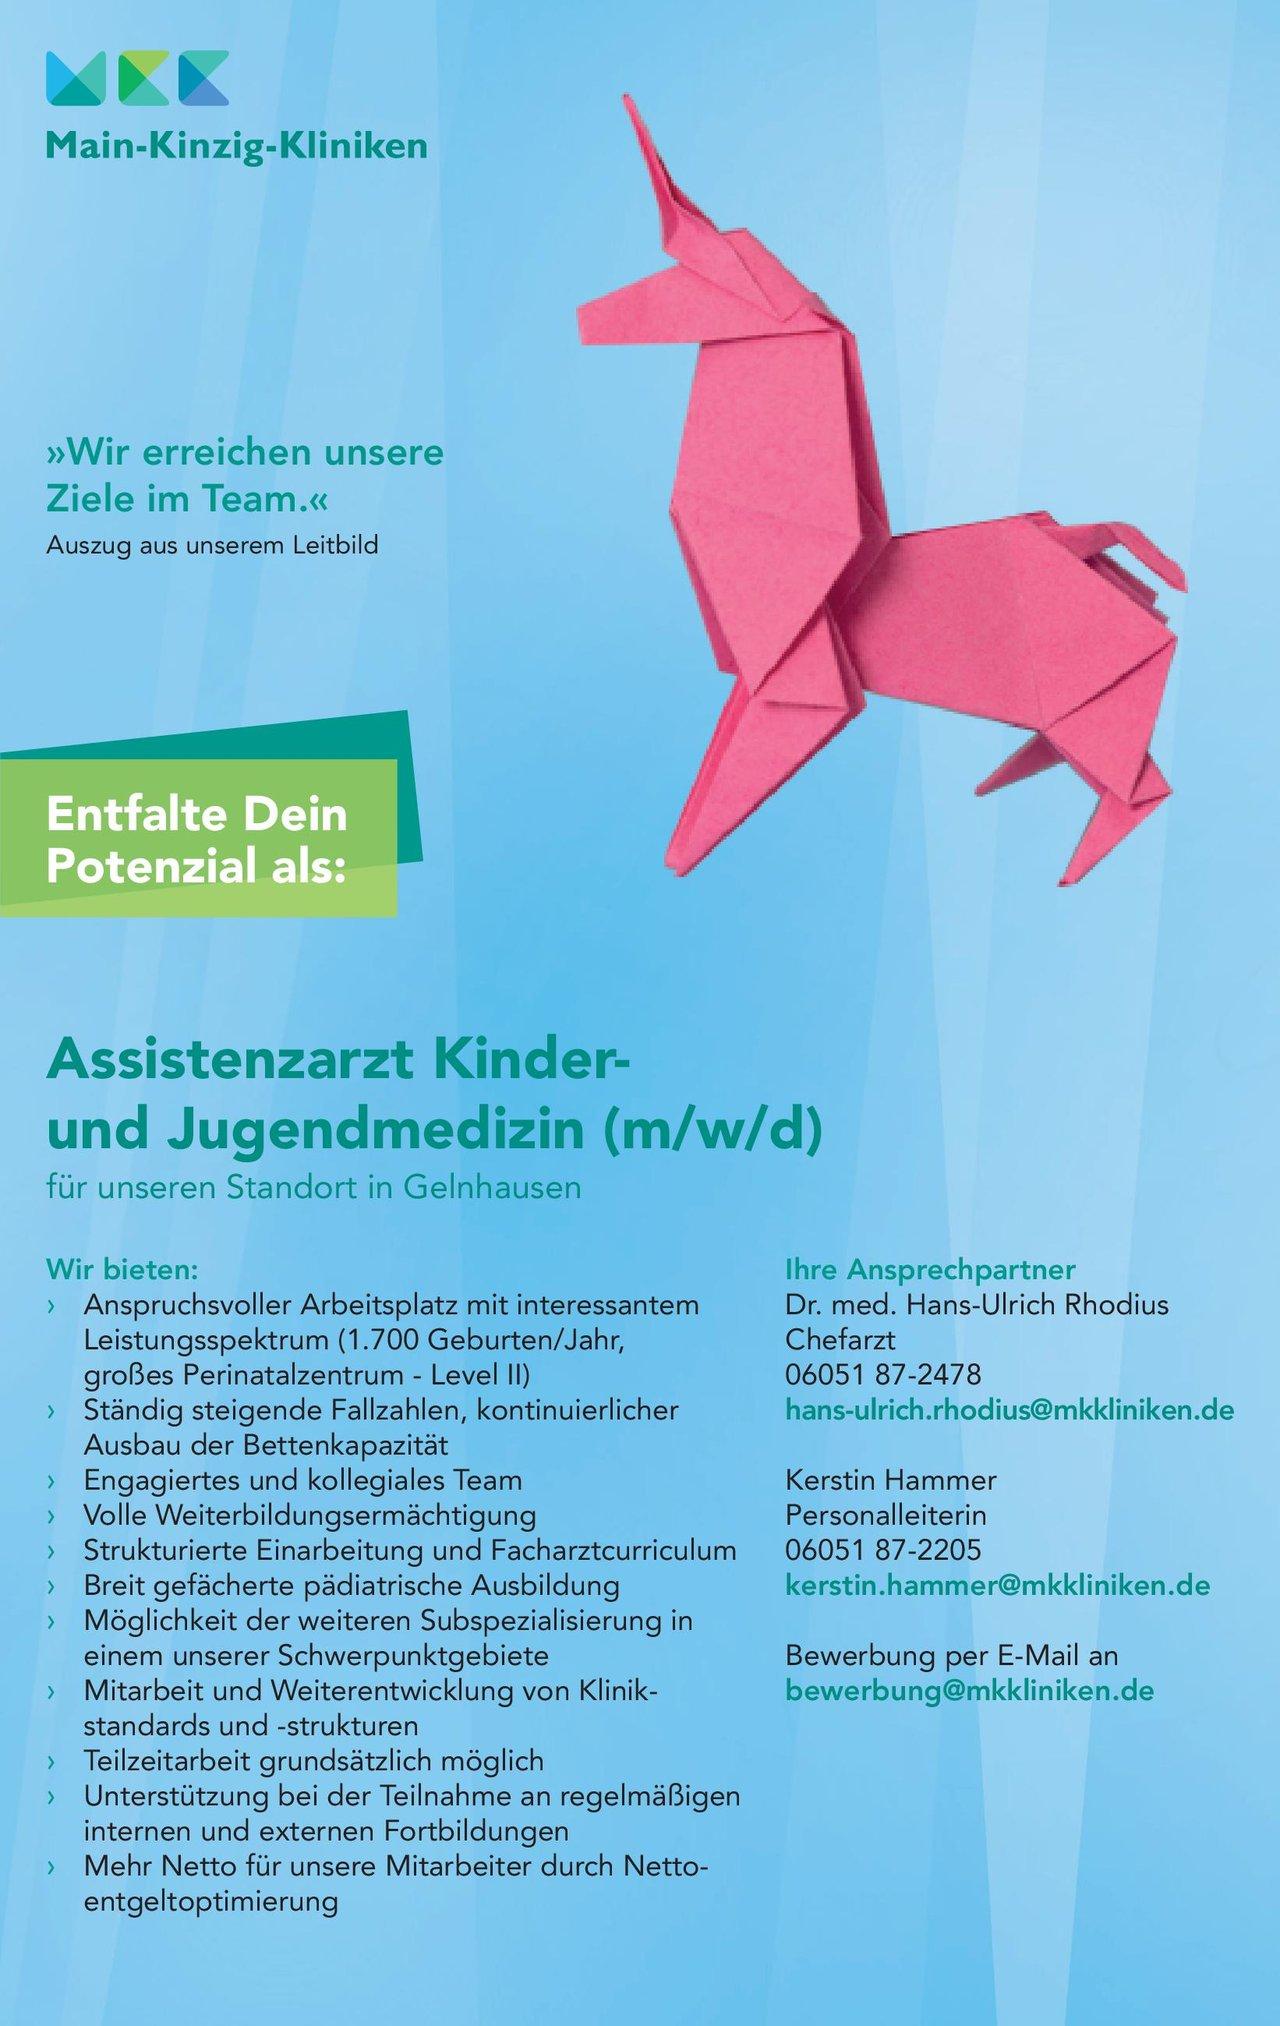 Main-Kinzig-Kliniken Assistenzarzt Kinder- und Jugendmedizin (m/w/d)  Kinder- und Jugendmedizin, Kinder- und Jugendmedizin Assistenzarzt / Arzt in Weiterbildung